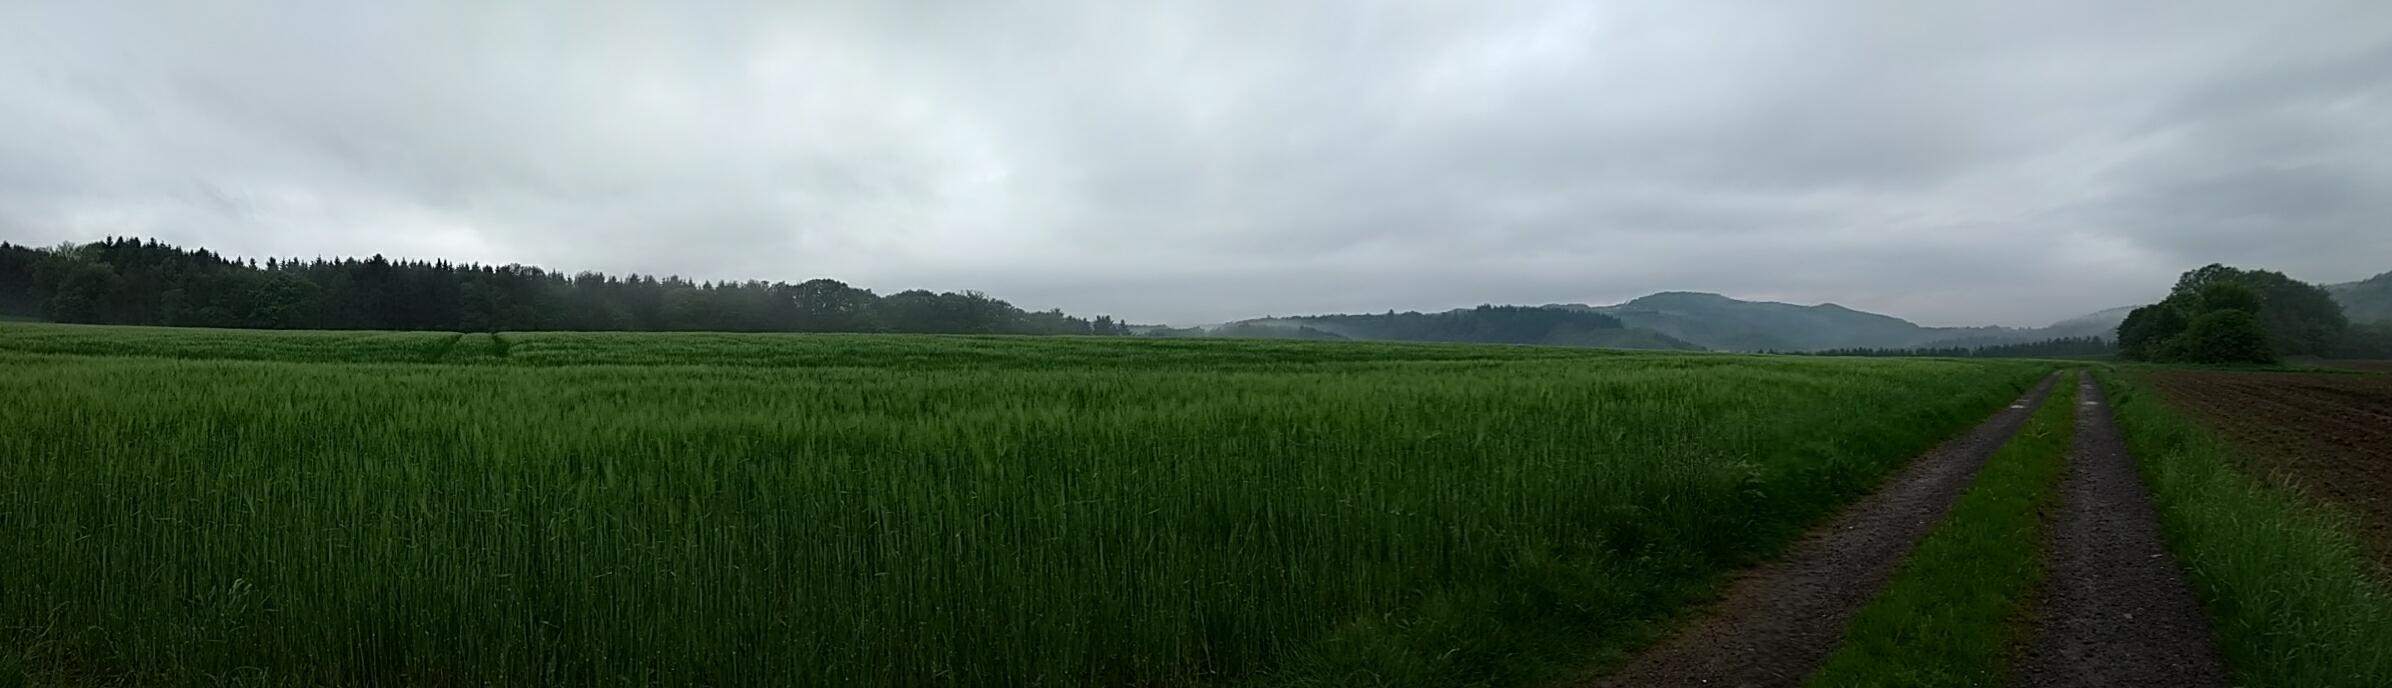 deep dark stormy horizon Westerwald panorama